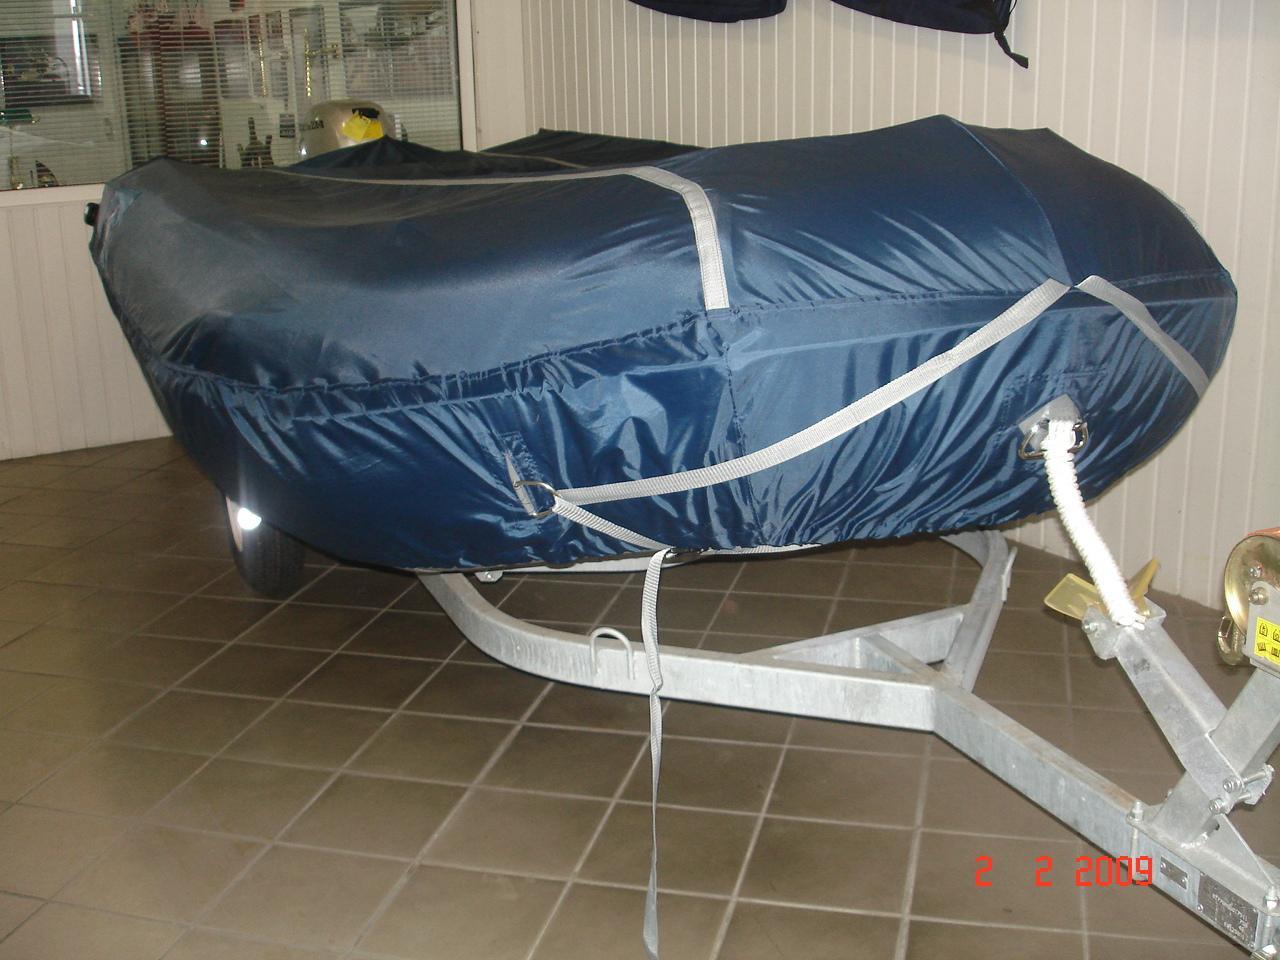 Как сделать транспортировочный тент для лодки пвх